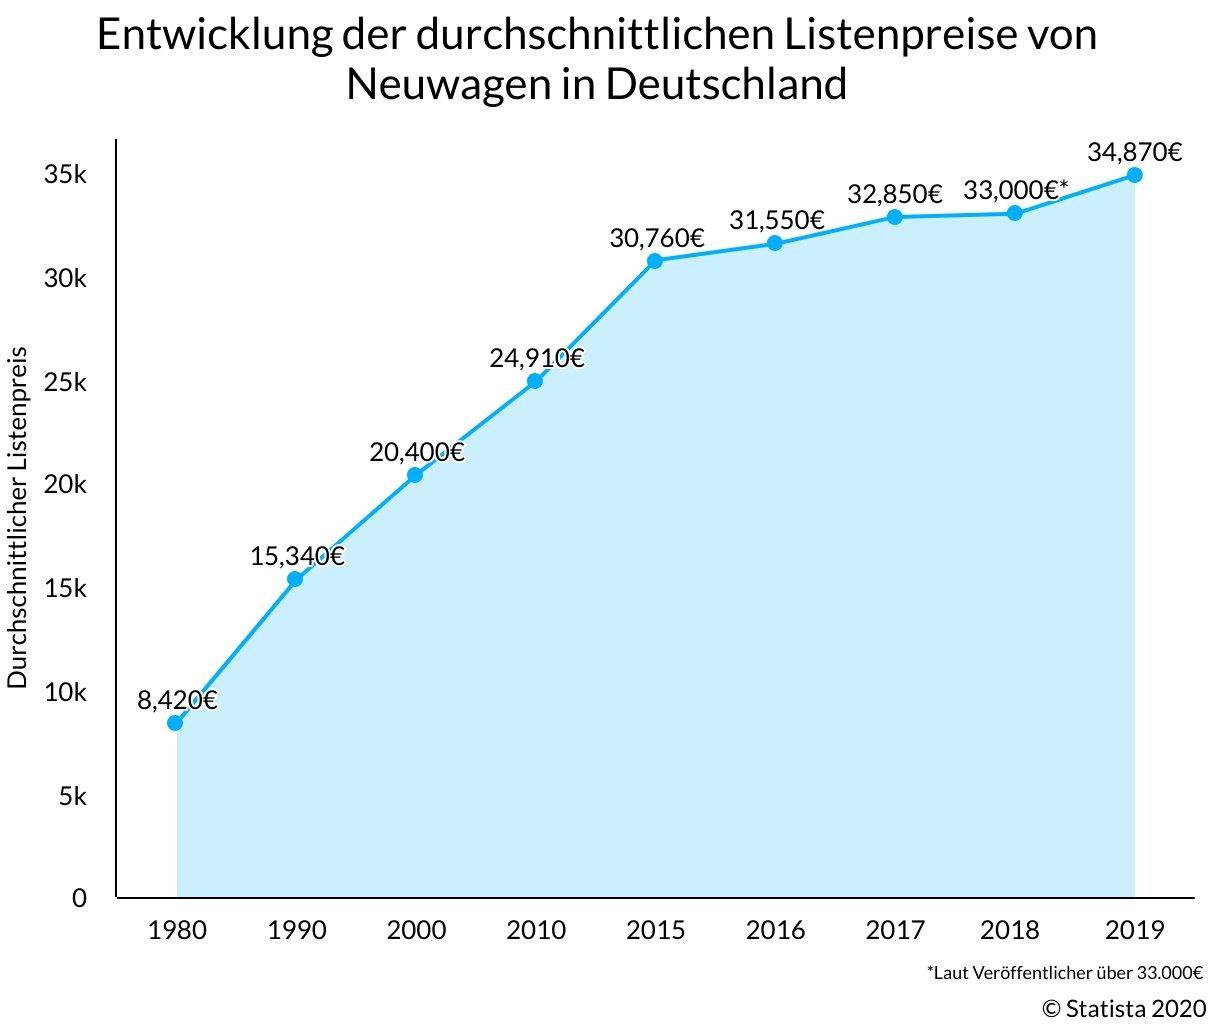 Entwicklung des durchschnittlichen Bruttolistenpreises von Neuwagen in Deutschland - Statistik